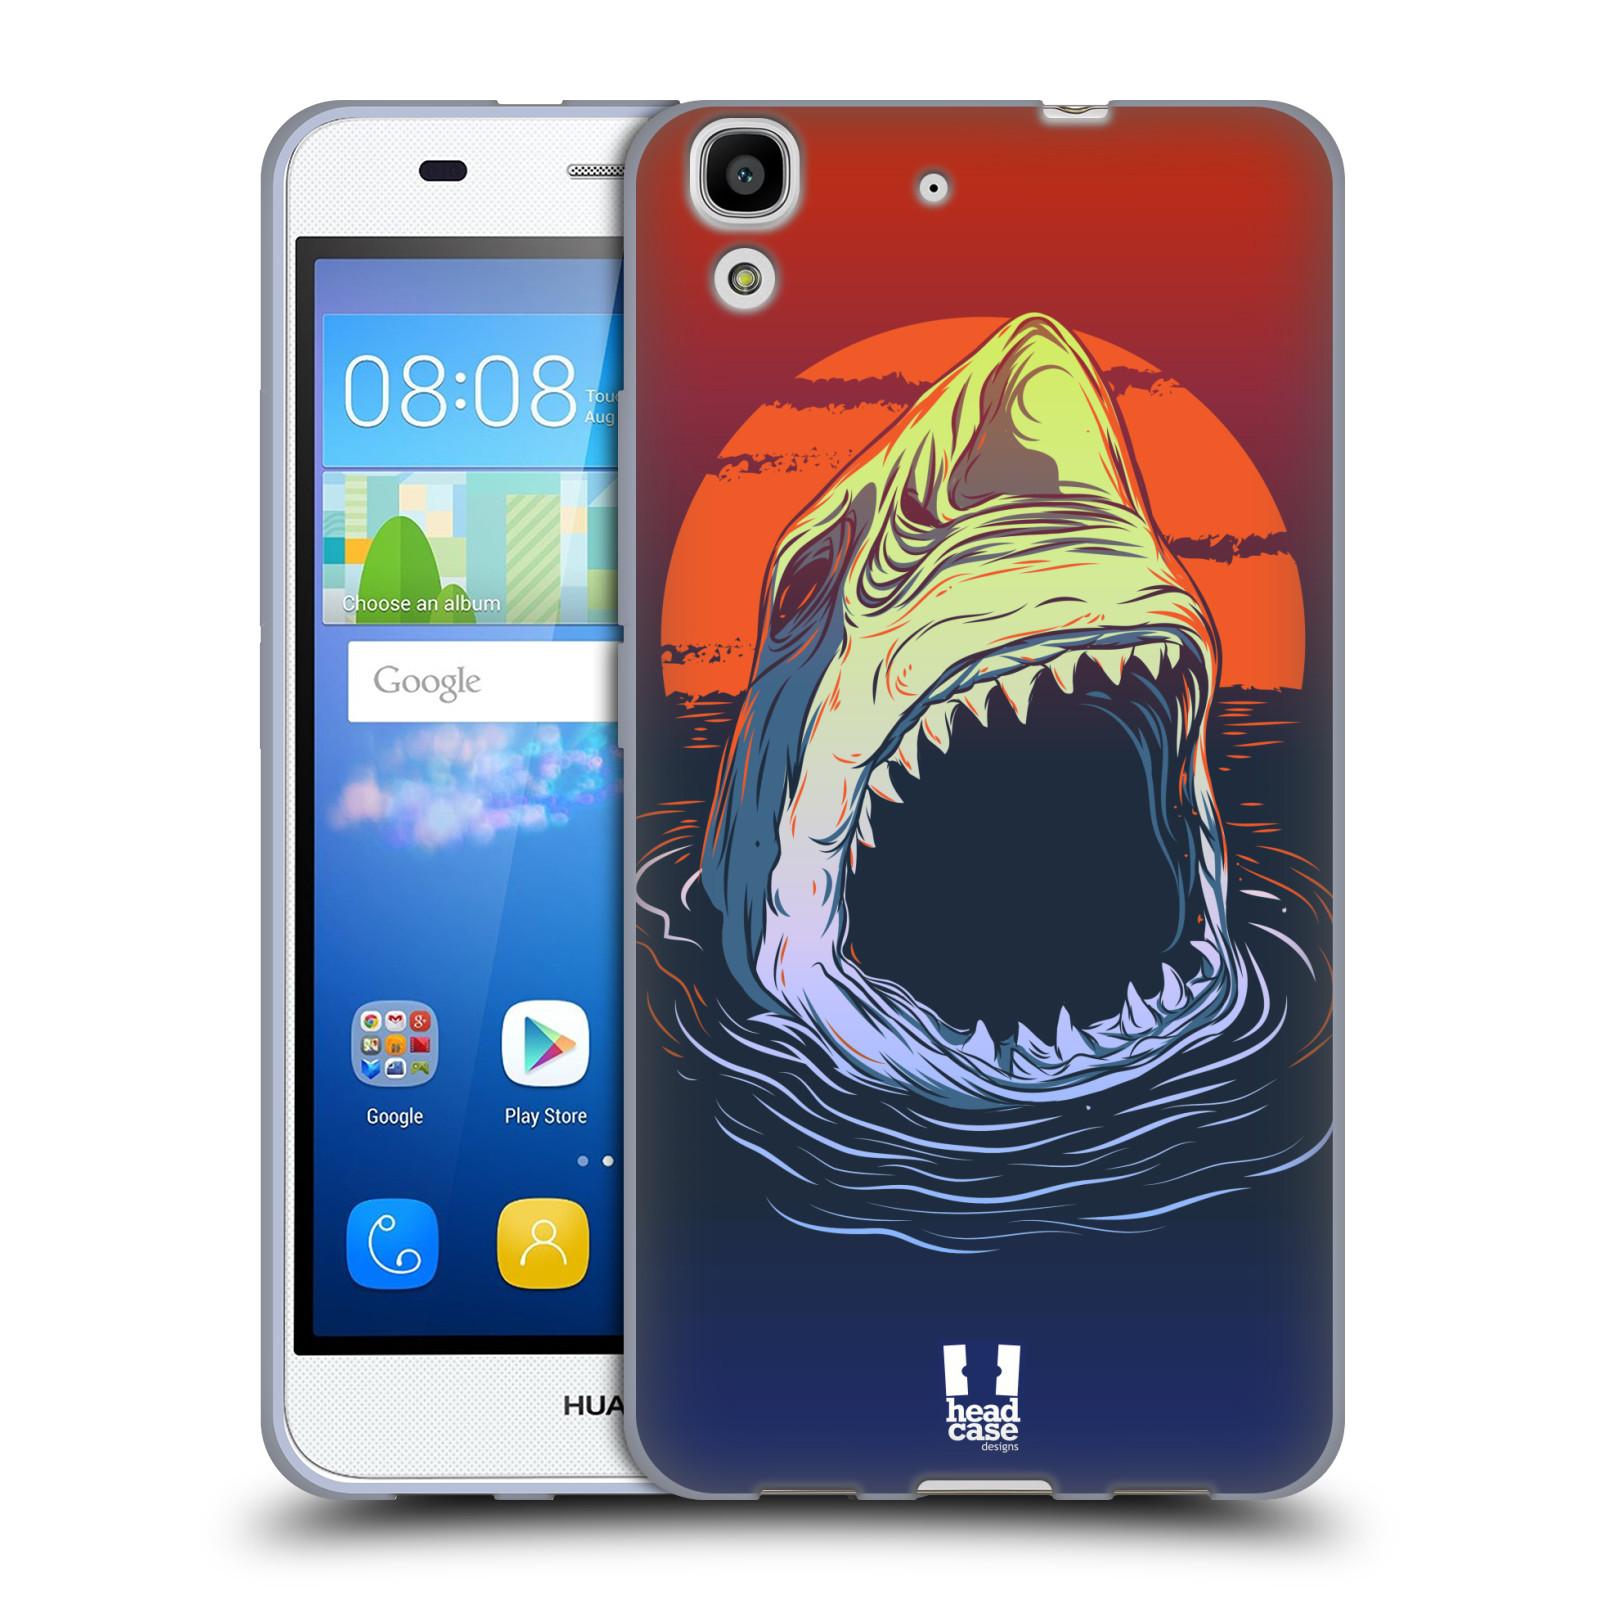 HEAD CASE silikonový obal na mobil HUAWEI Y6 vzor mořská monstra žralok